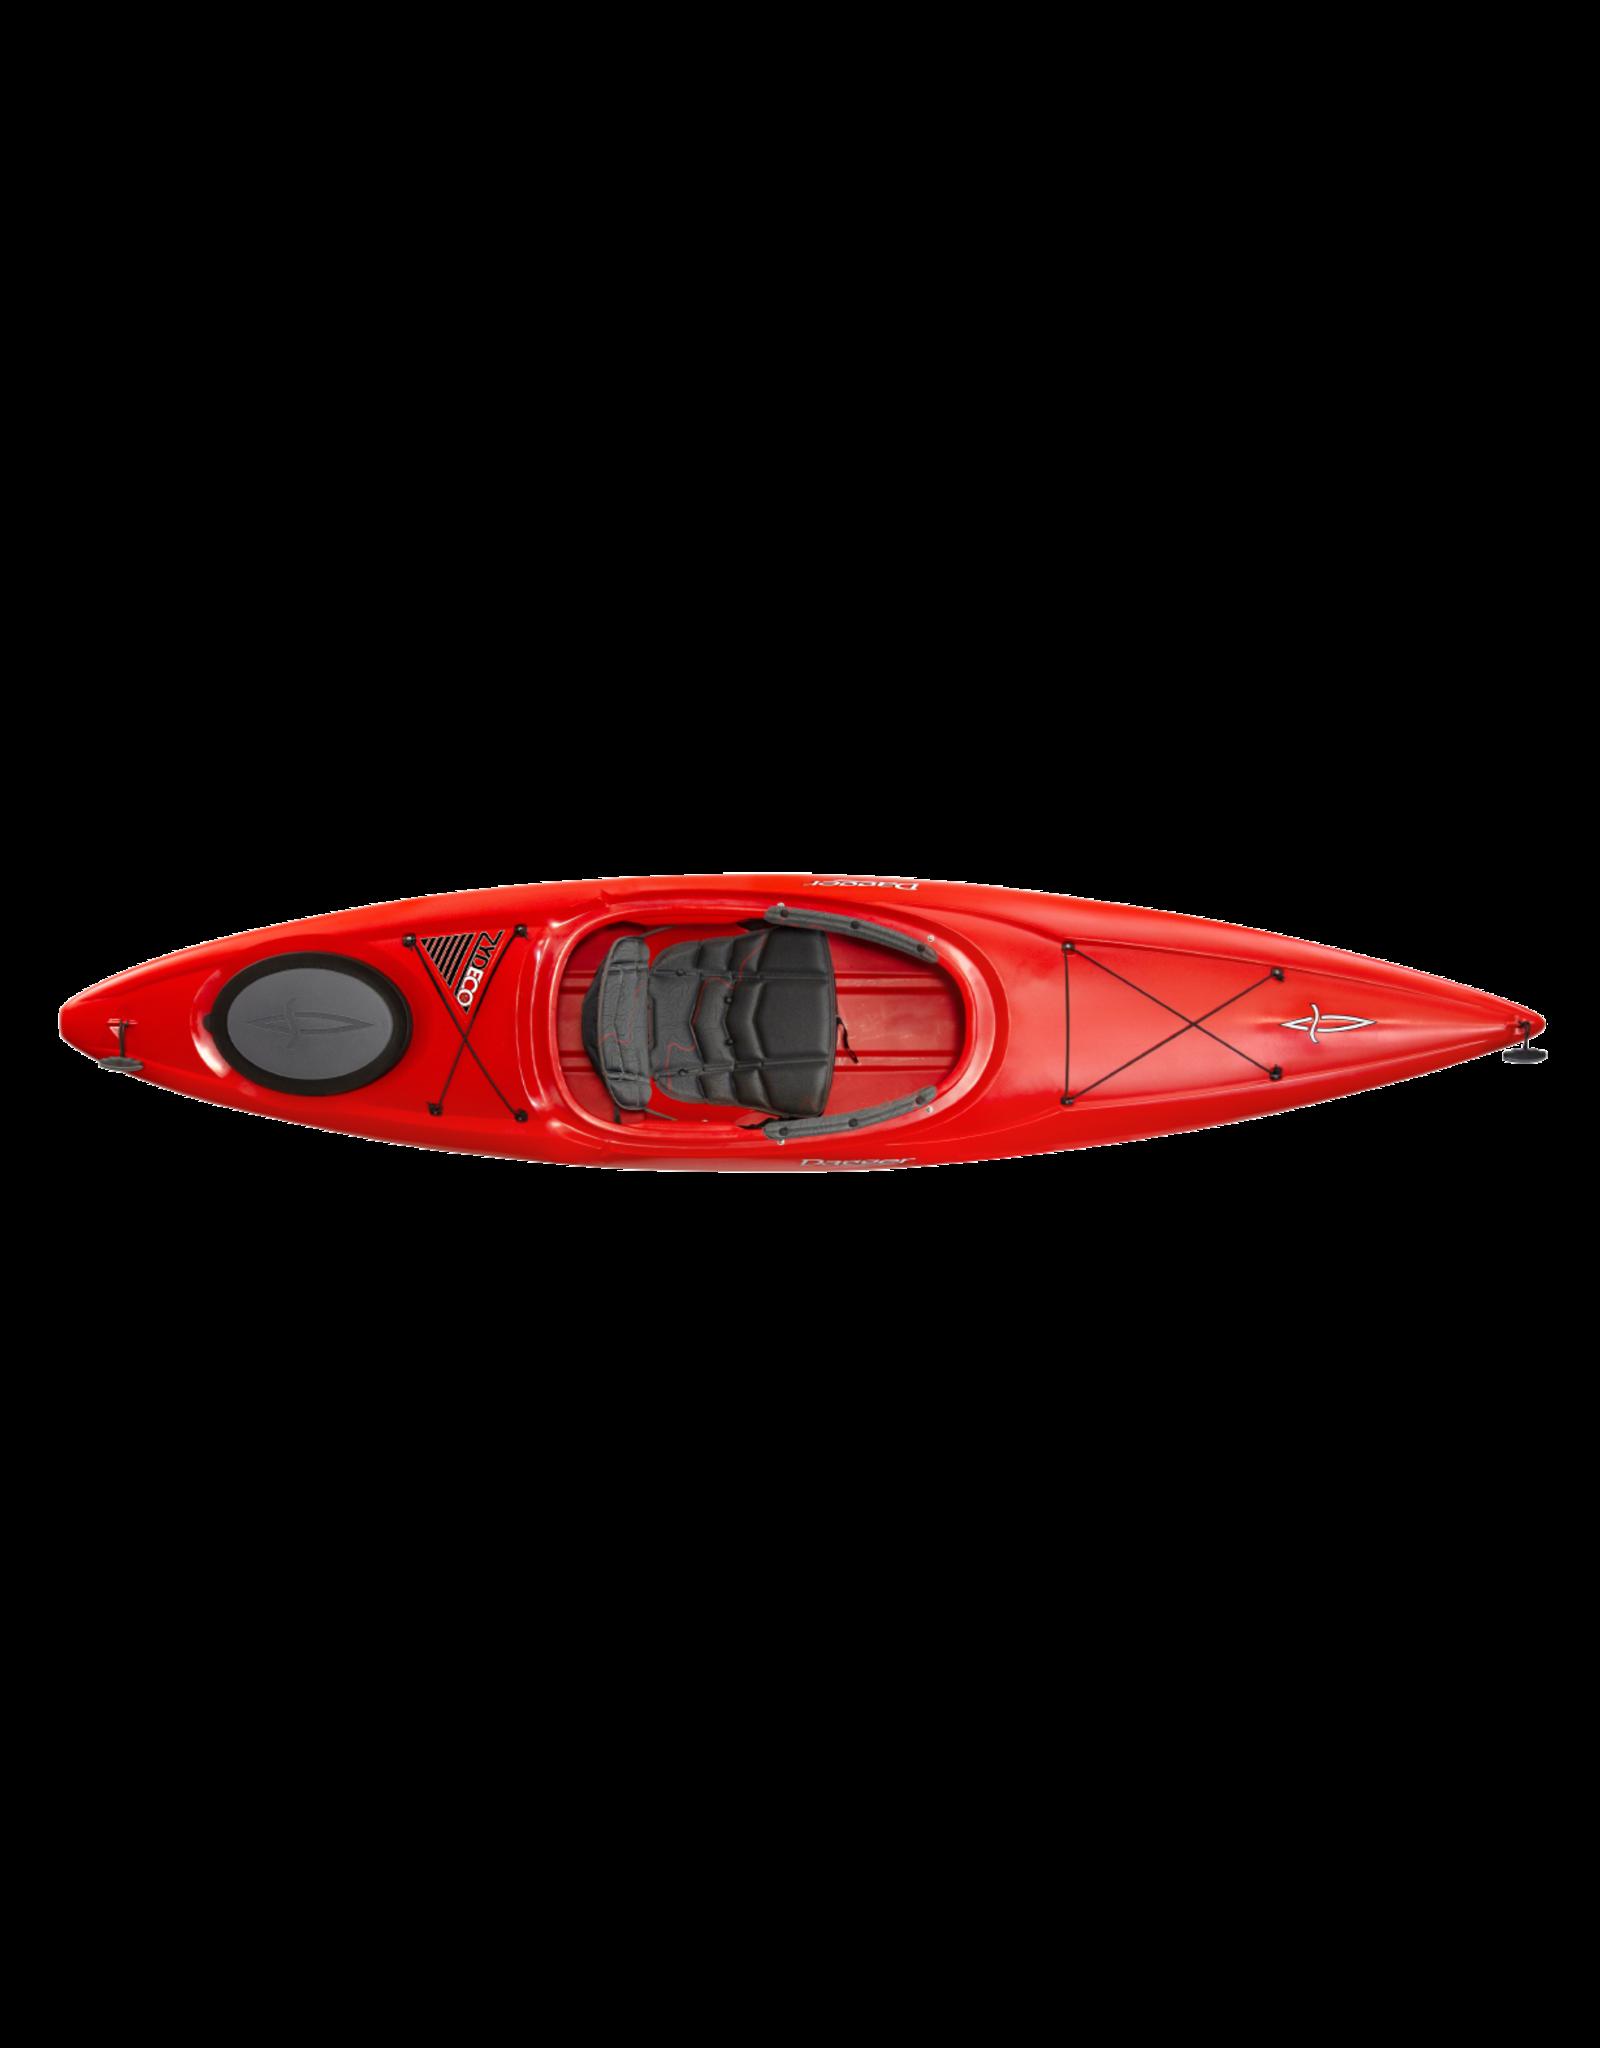 Dagger Kayaks Zydeco 11.0